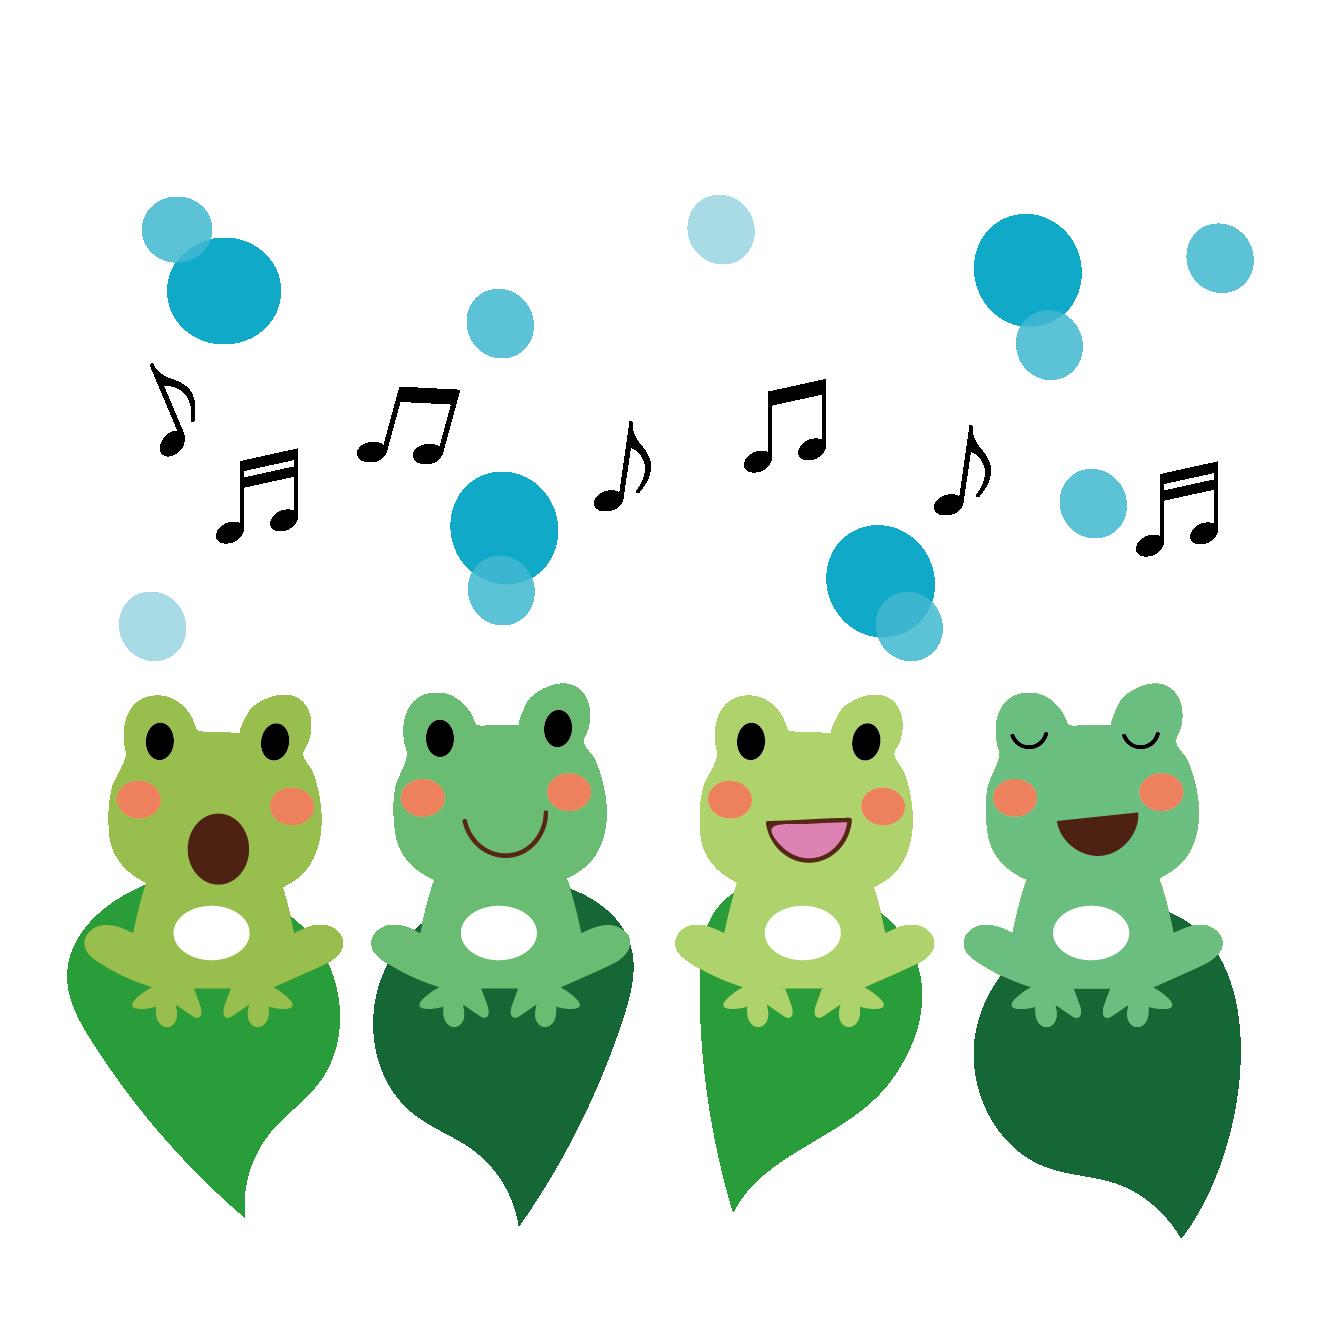 かわいい♪カエル(蛙)合唱のイラスト【梅雨】 | 商用フリー(無料)の